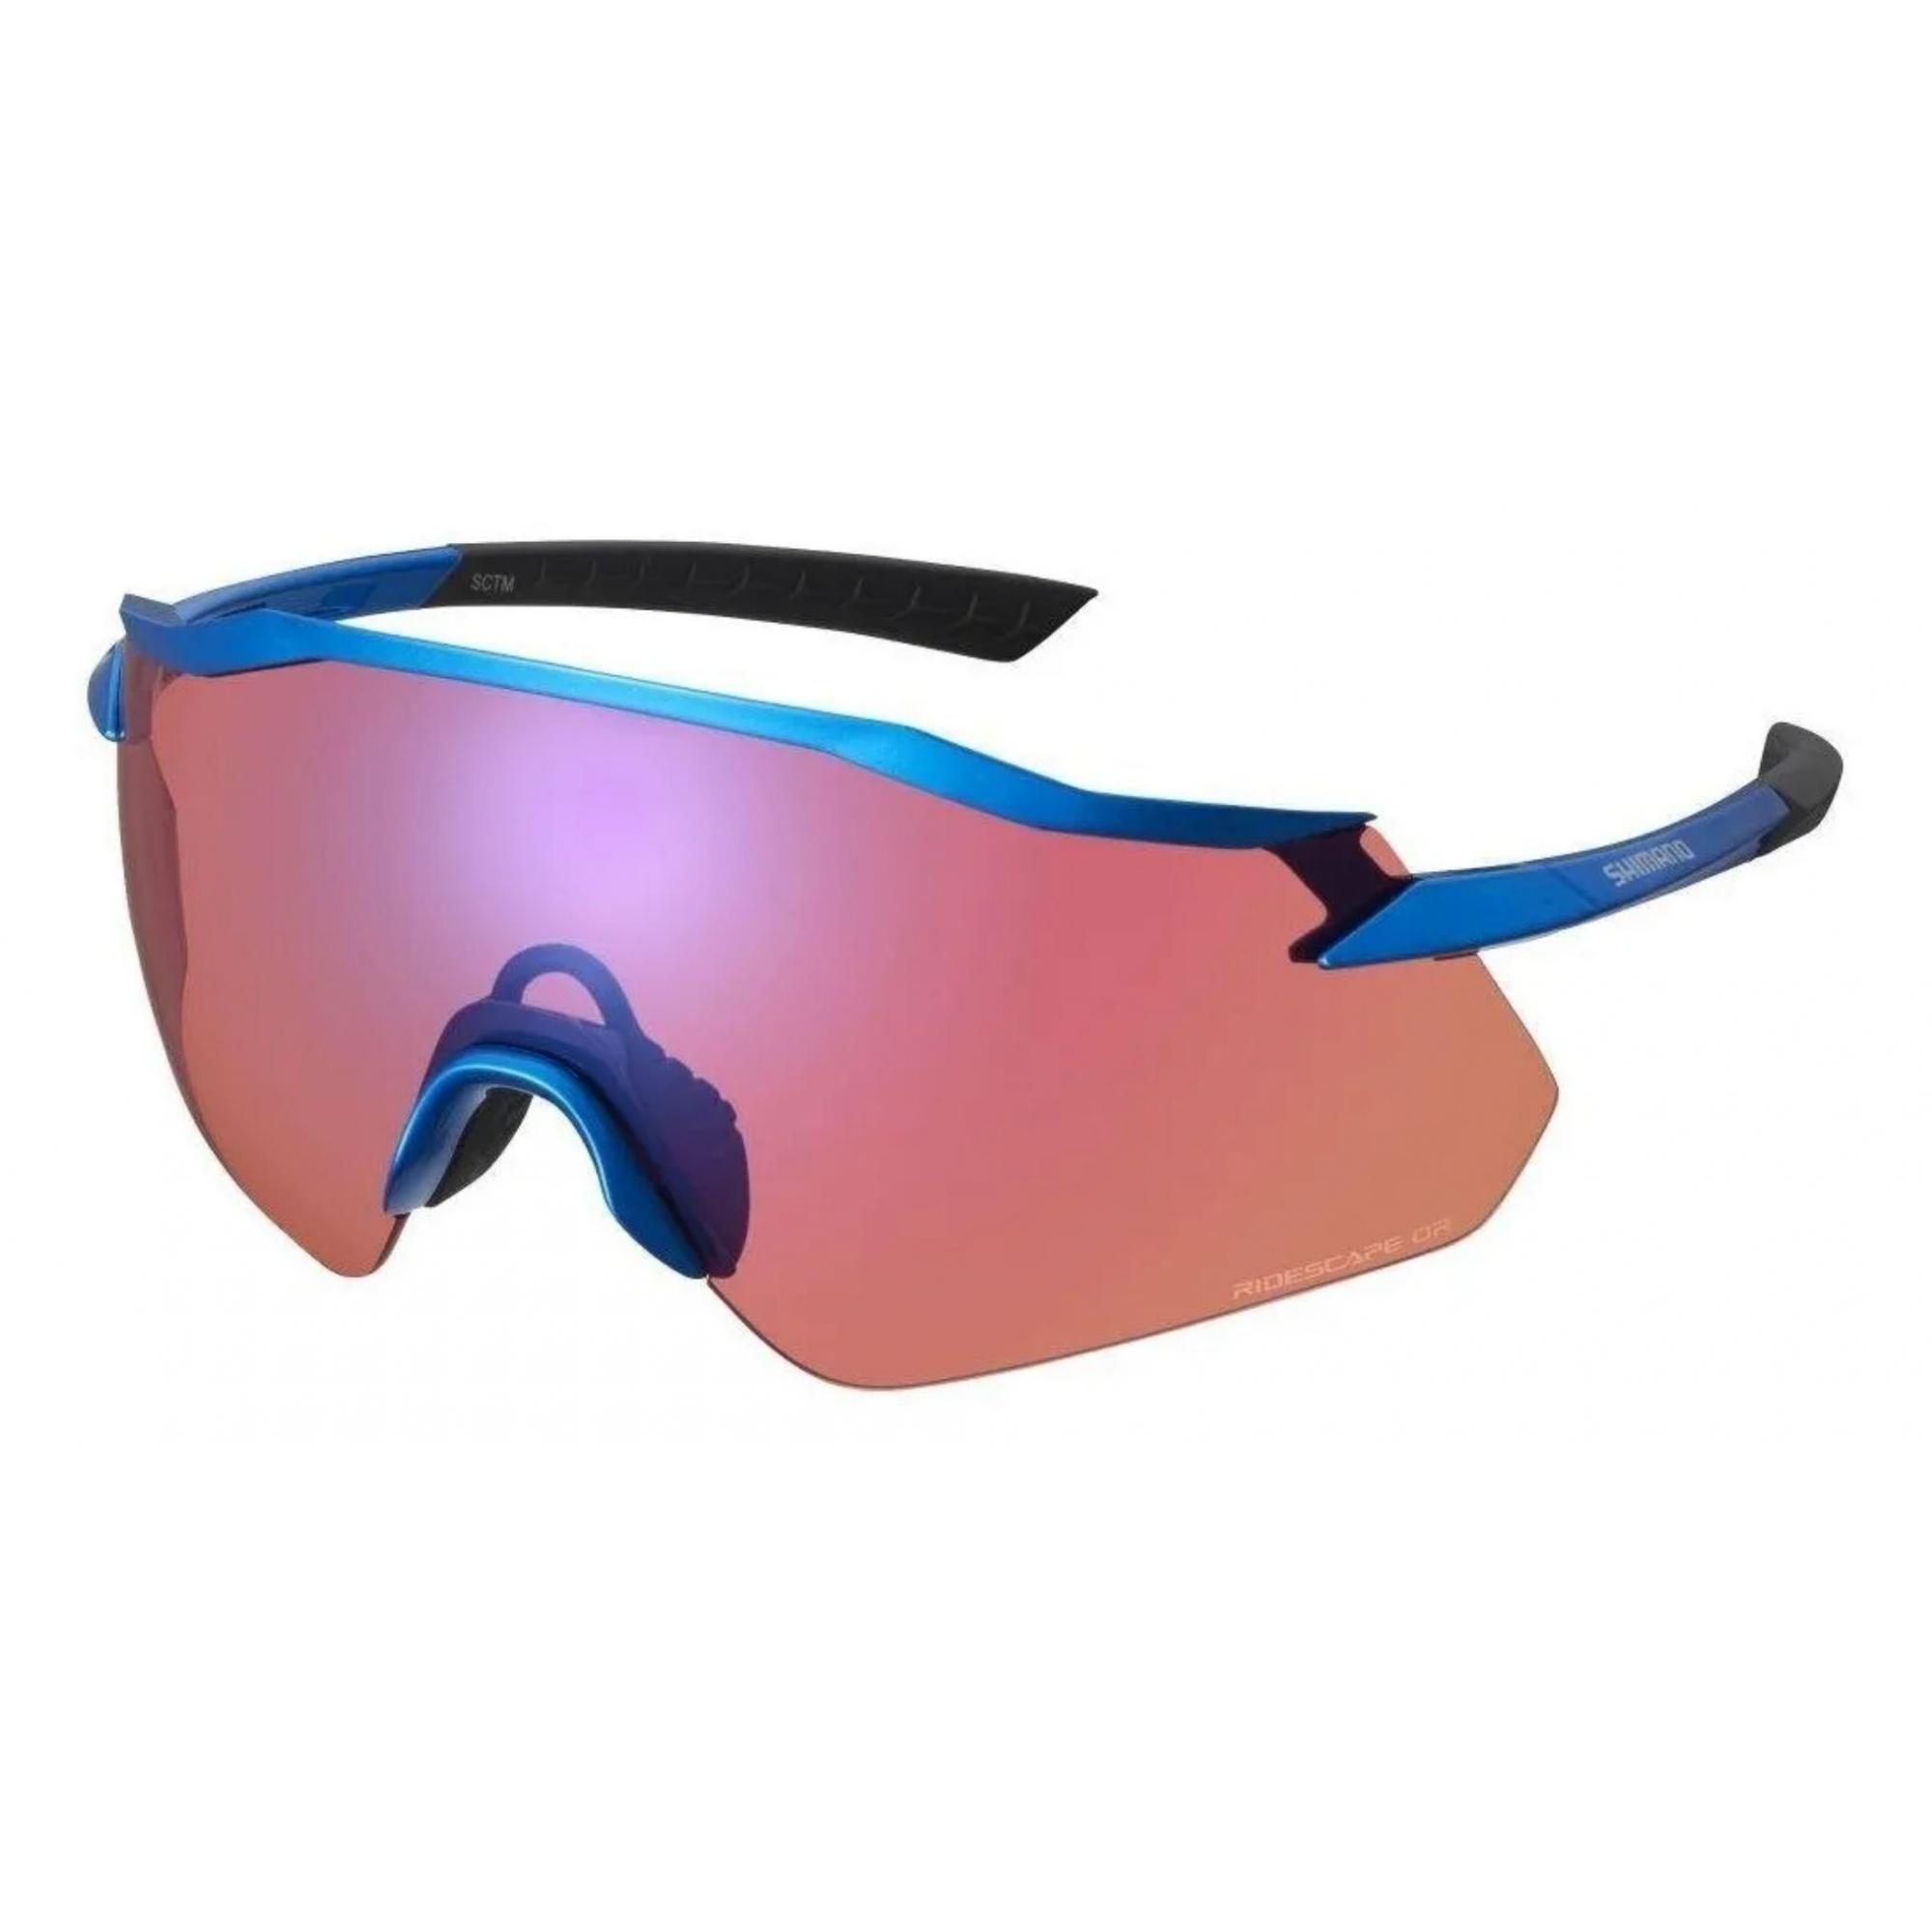 Óculos Shimano Equinox 4 Azul Lente Ridescape Road